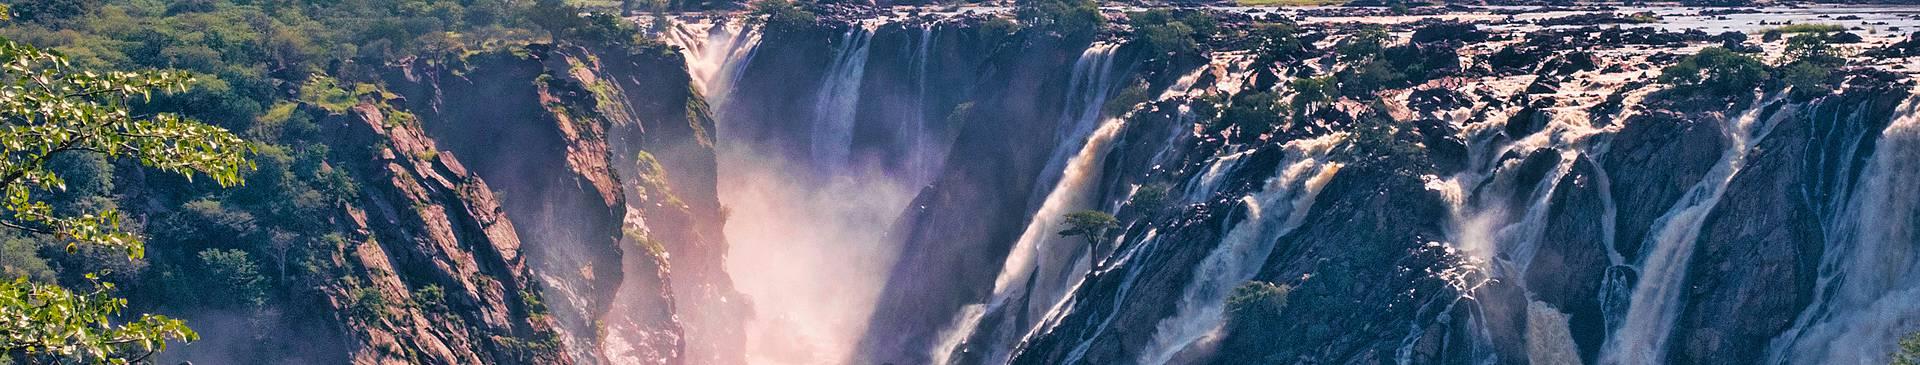 Naturreisen Namibia